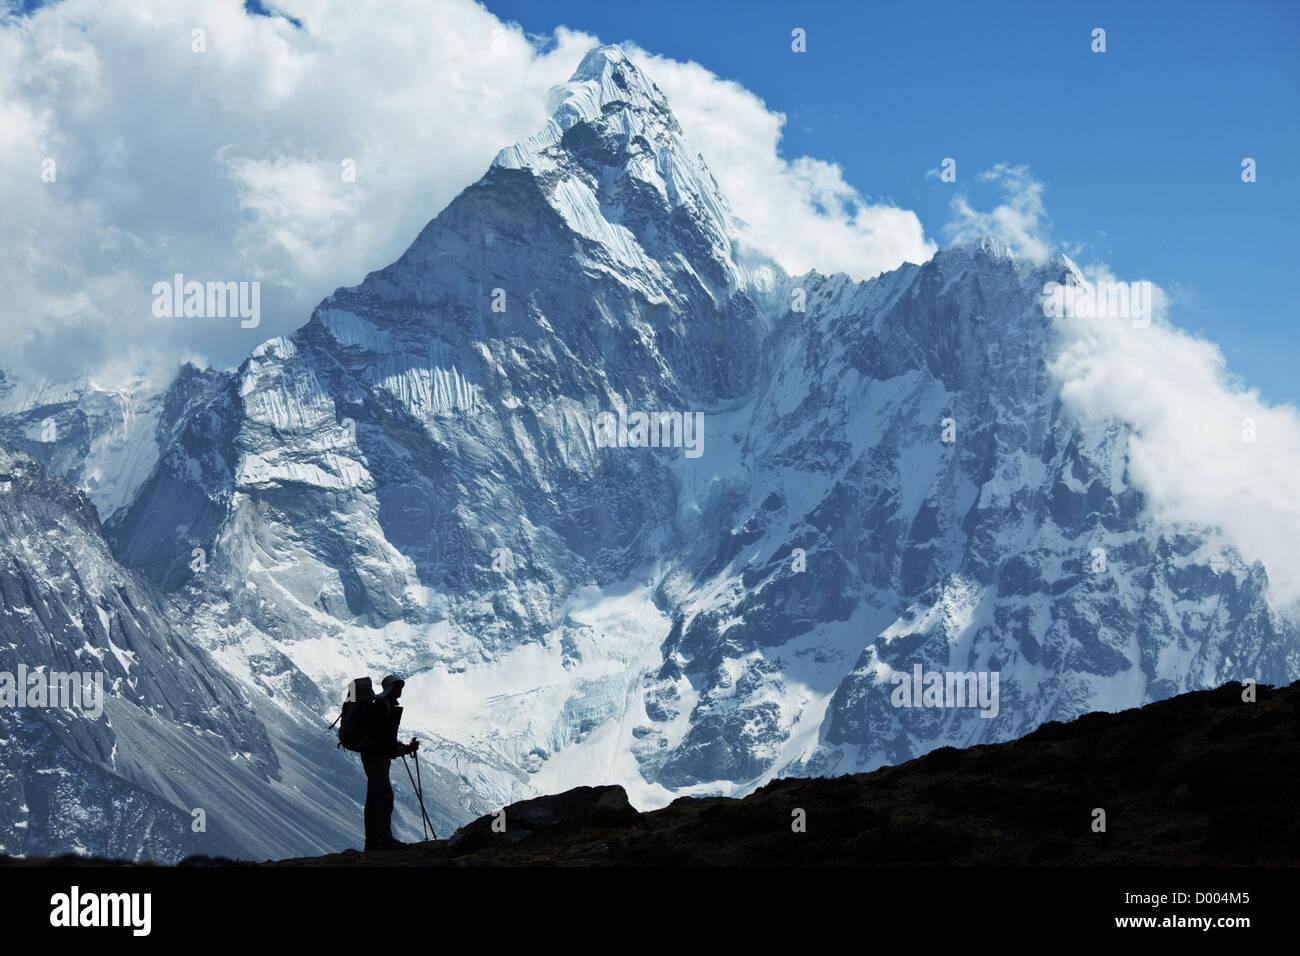 Climber in Himalayan mountain - Stock Image